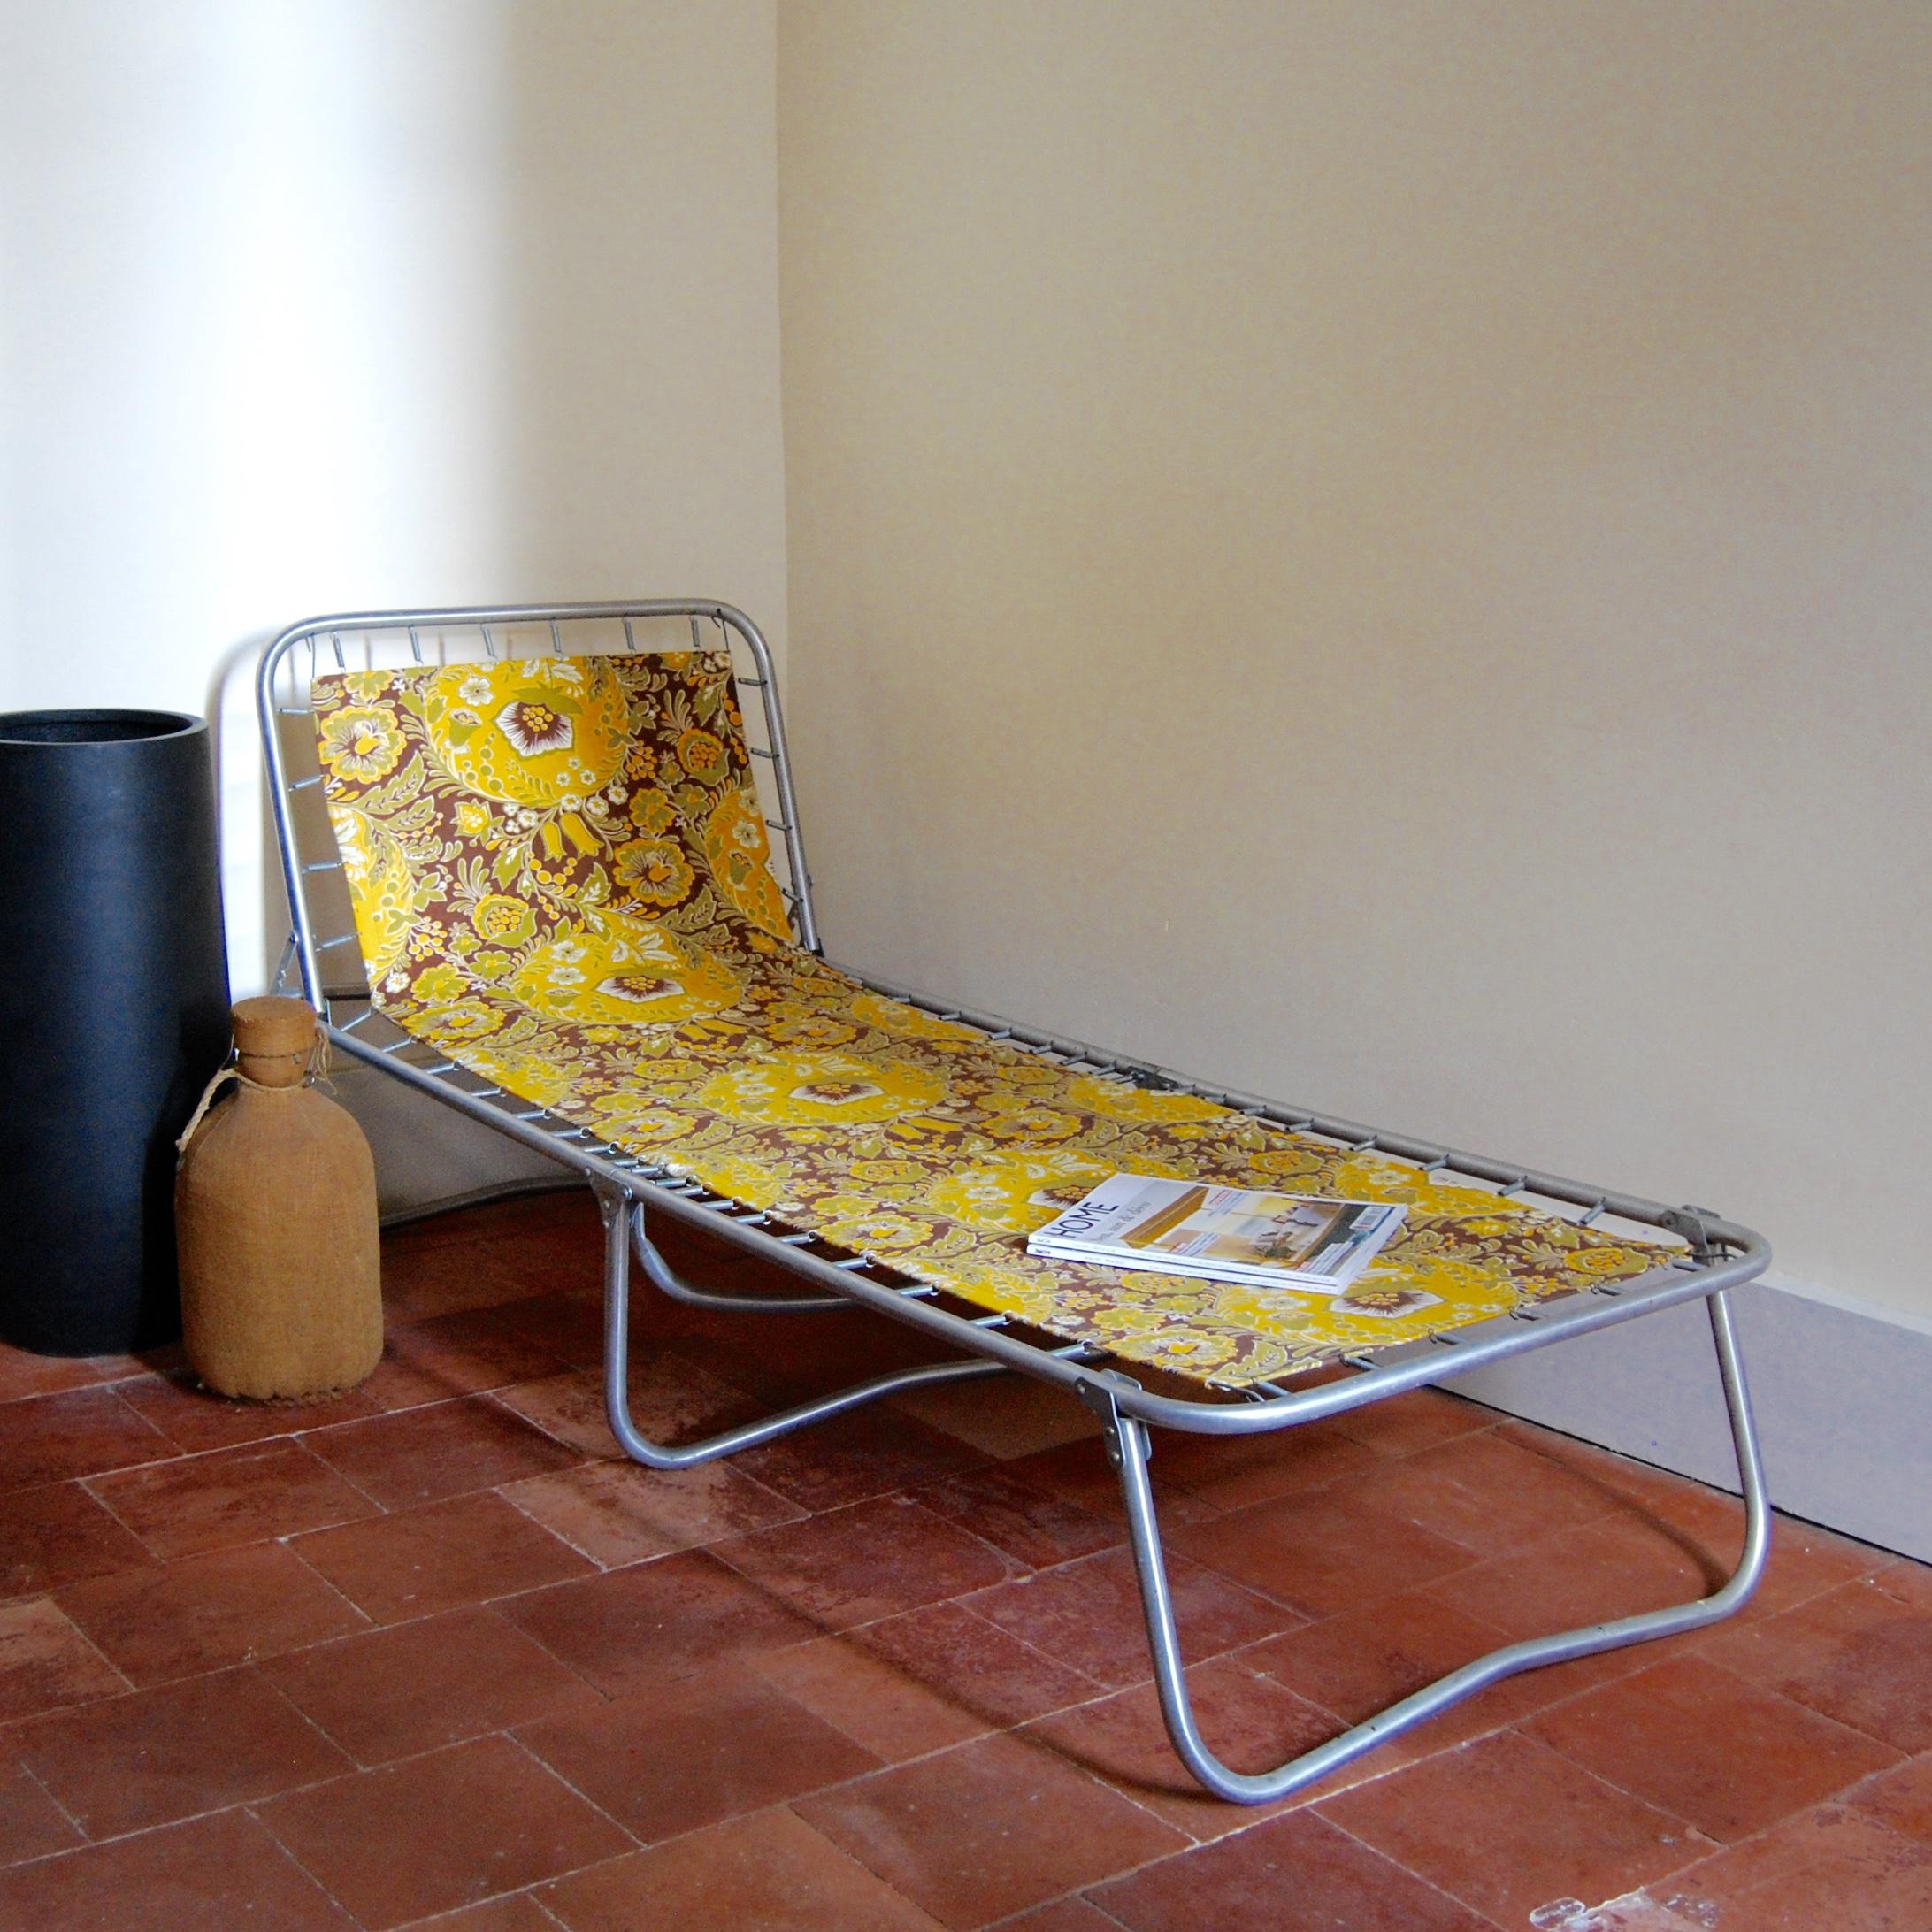 lit de camp vintage fleurs brocante avenue. Black Bedroom Furniture Sets. Home Design Ideas